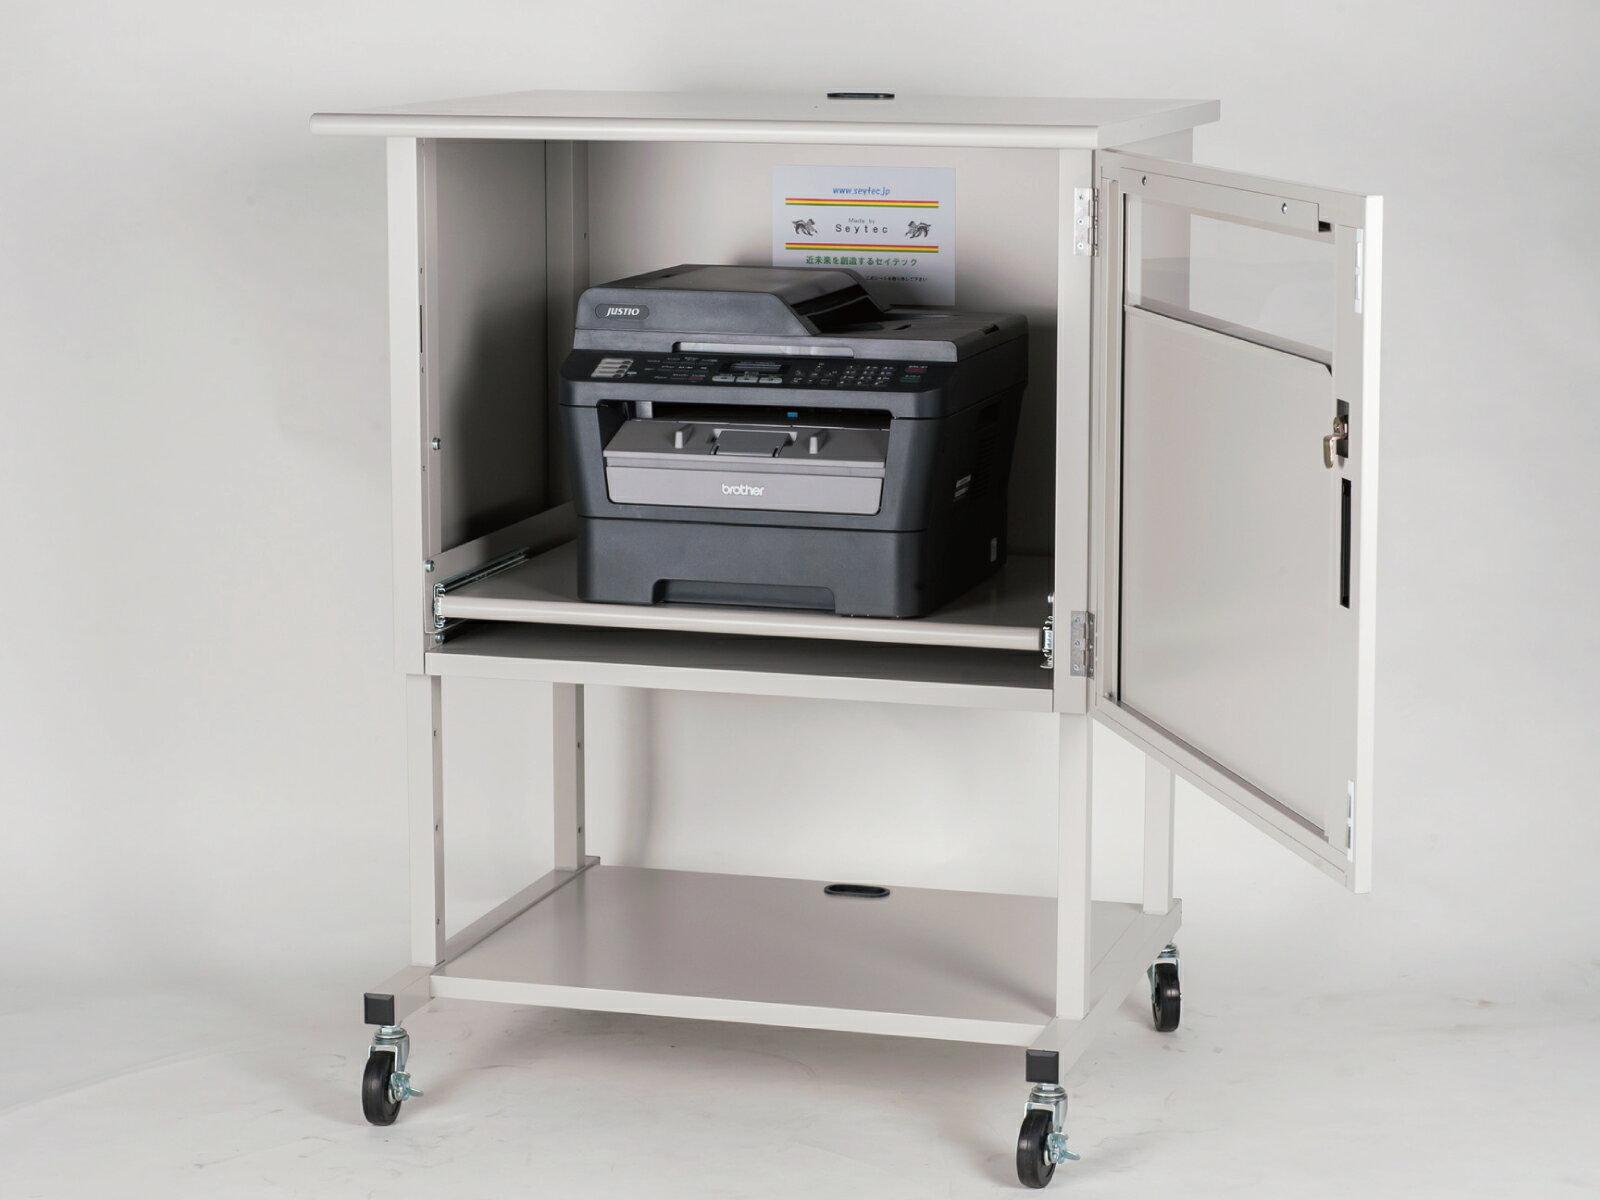 送料無料 防塵ラック PCケース プリンター ホコリ 排熱 盗難防止 工場使用可 セイテック 収納 Tidy PR-Stand G グレー